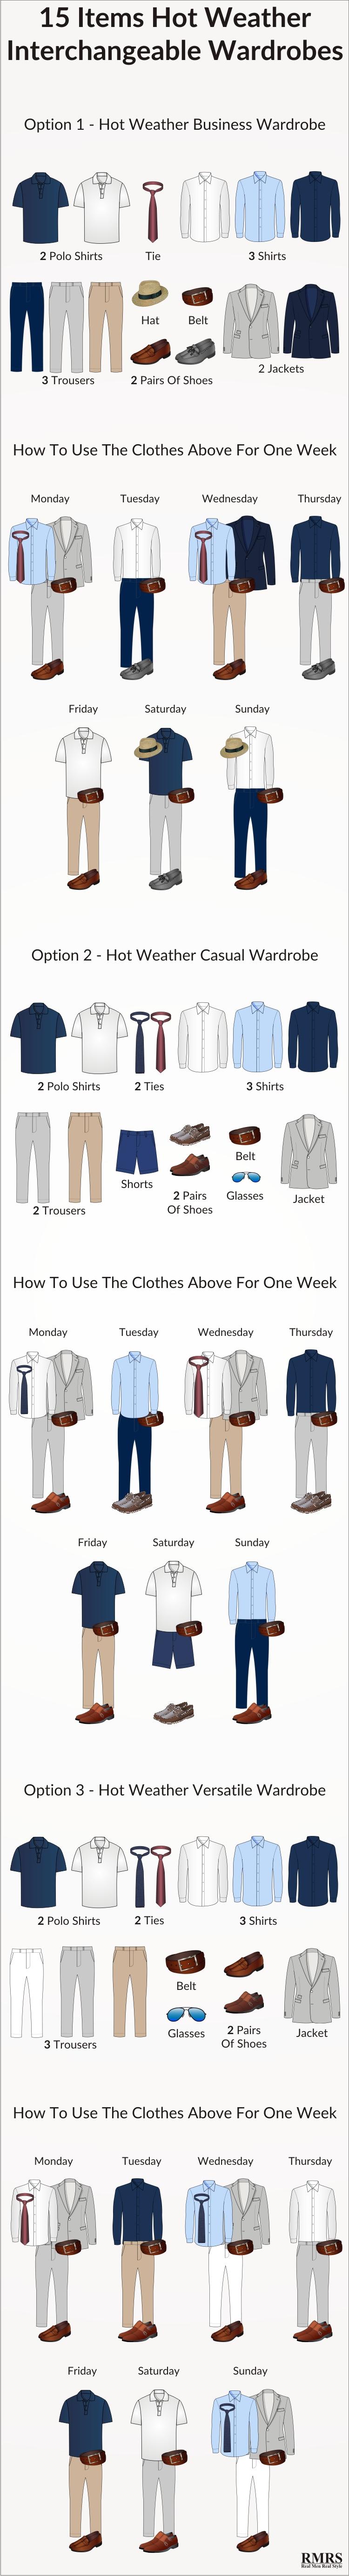 ot weather interchangeable wardrobe